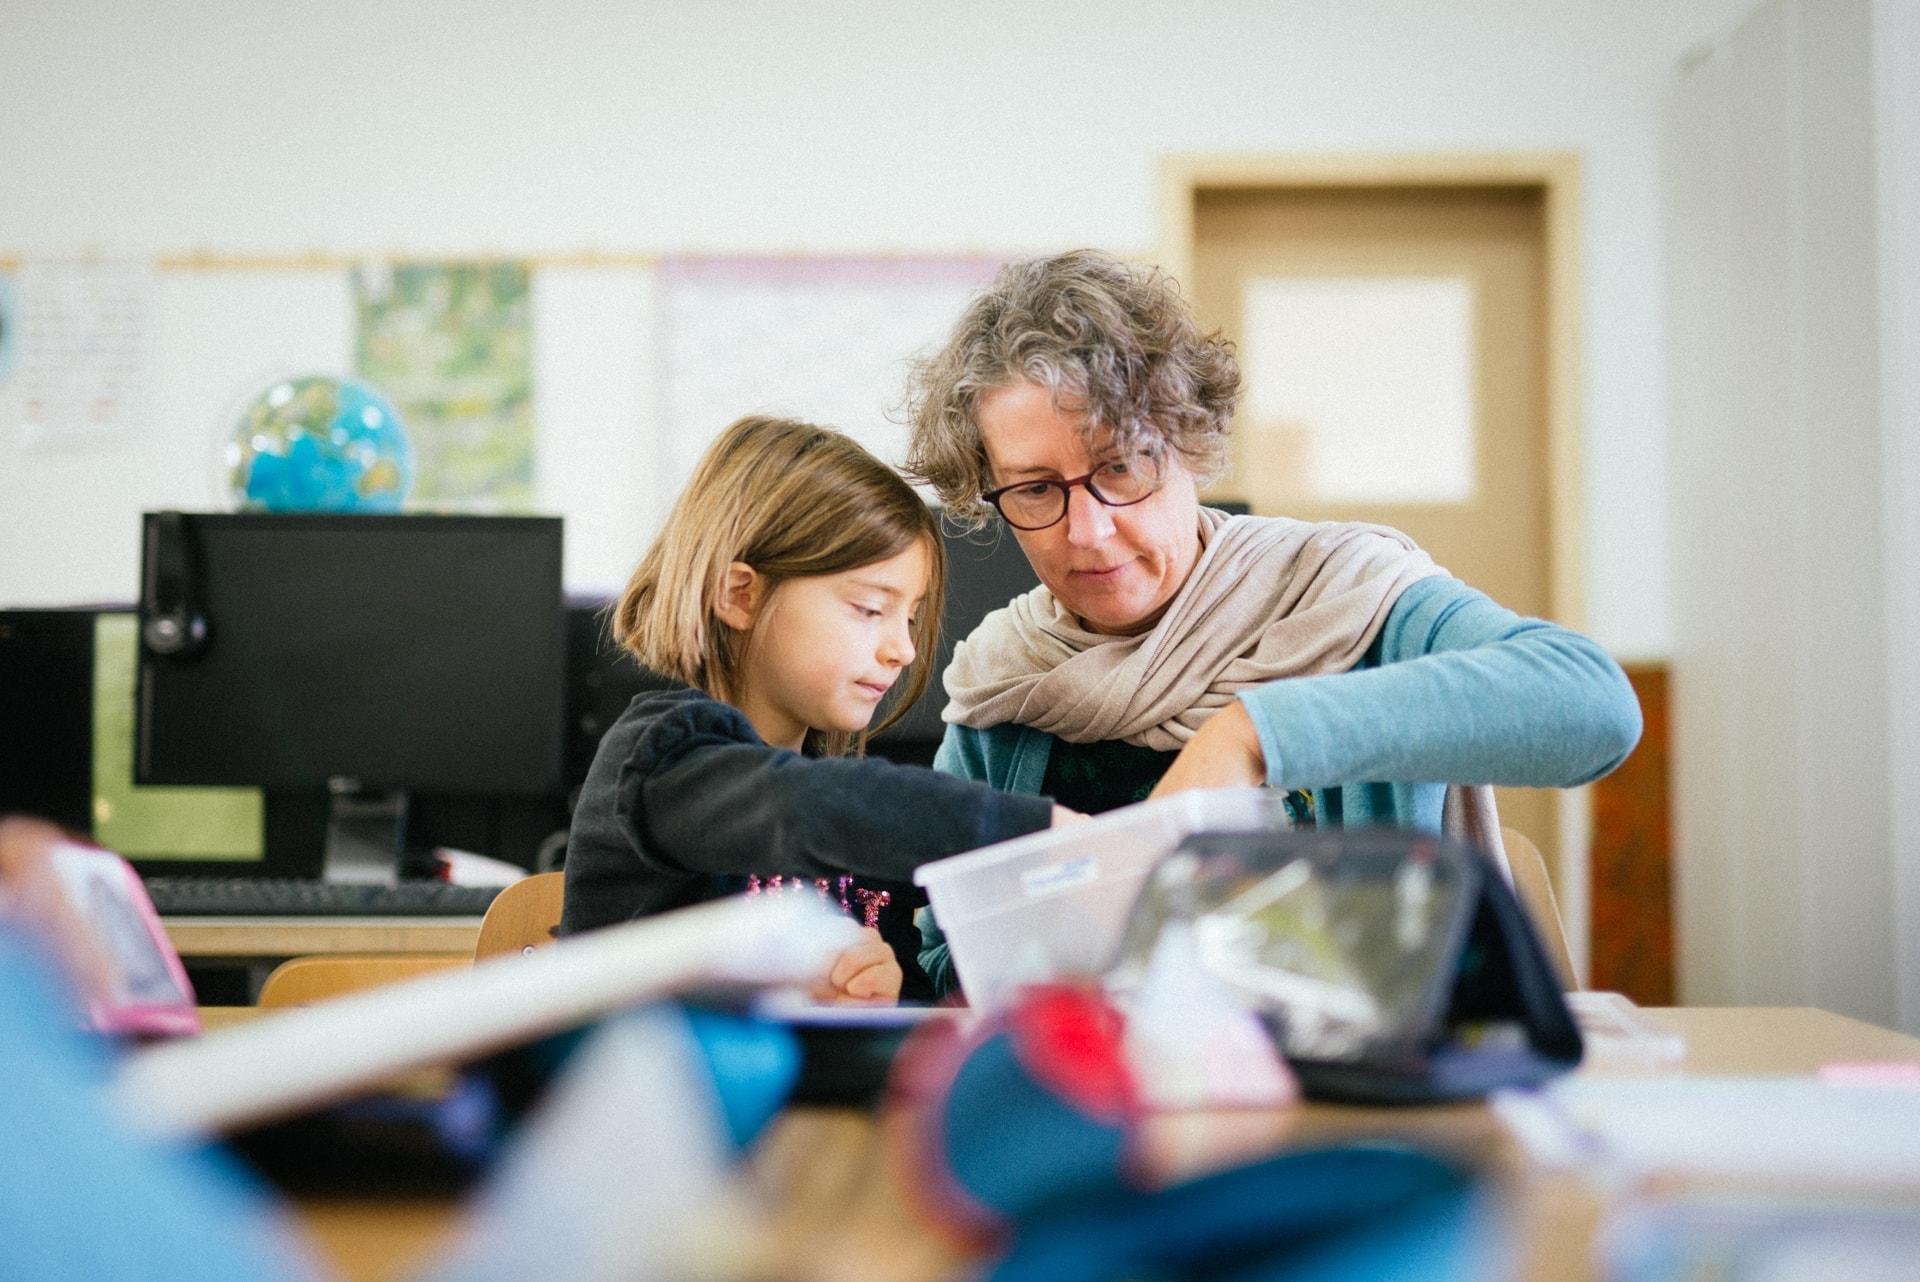 Ecole Edenpark - Une école originale - Une pédagogie orientée vers l'Etre tout entier